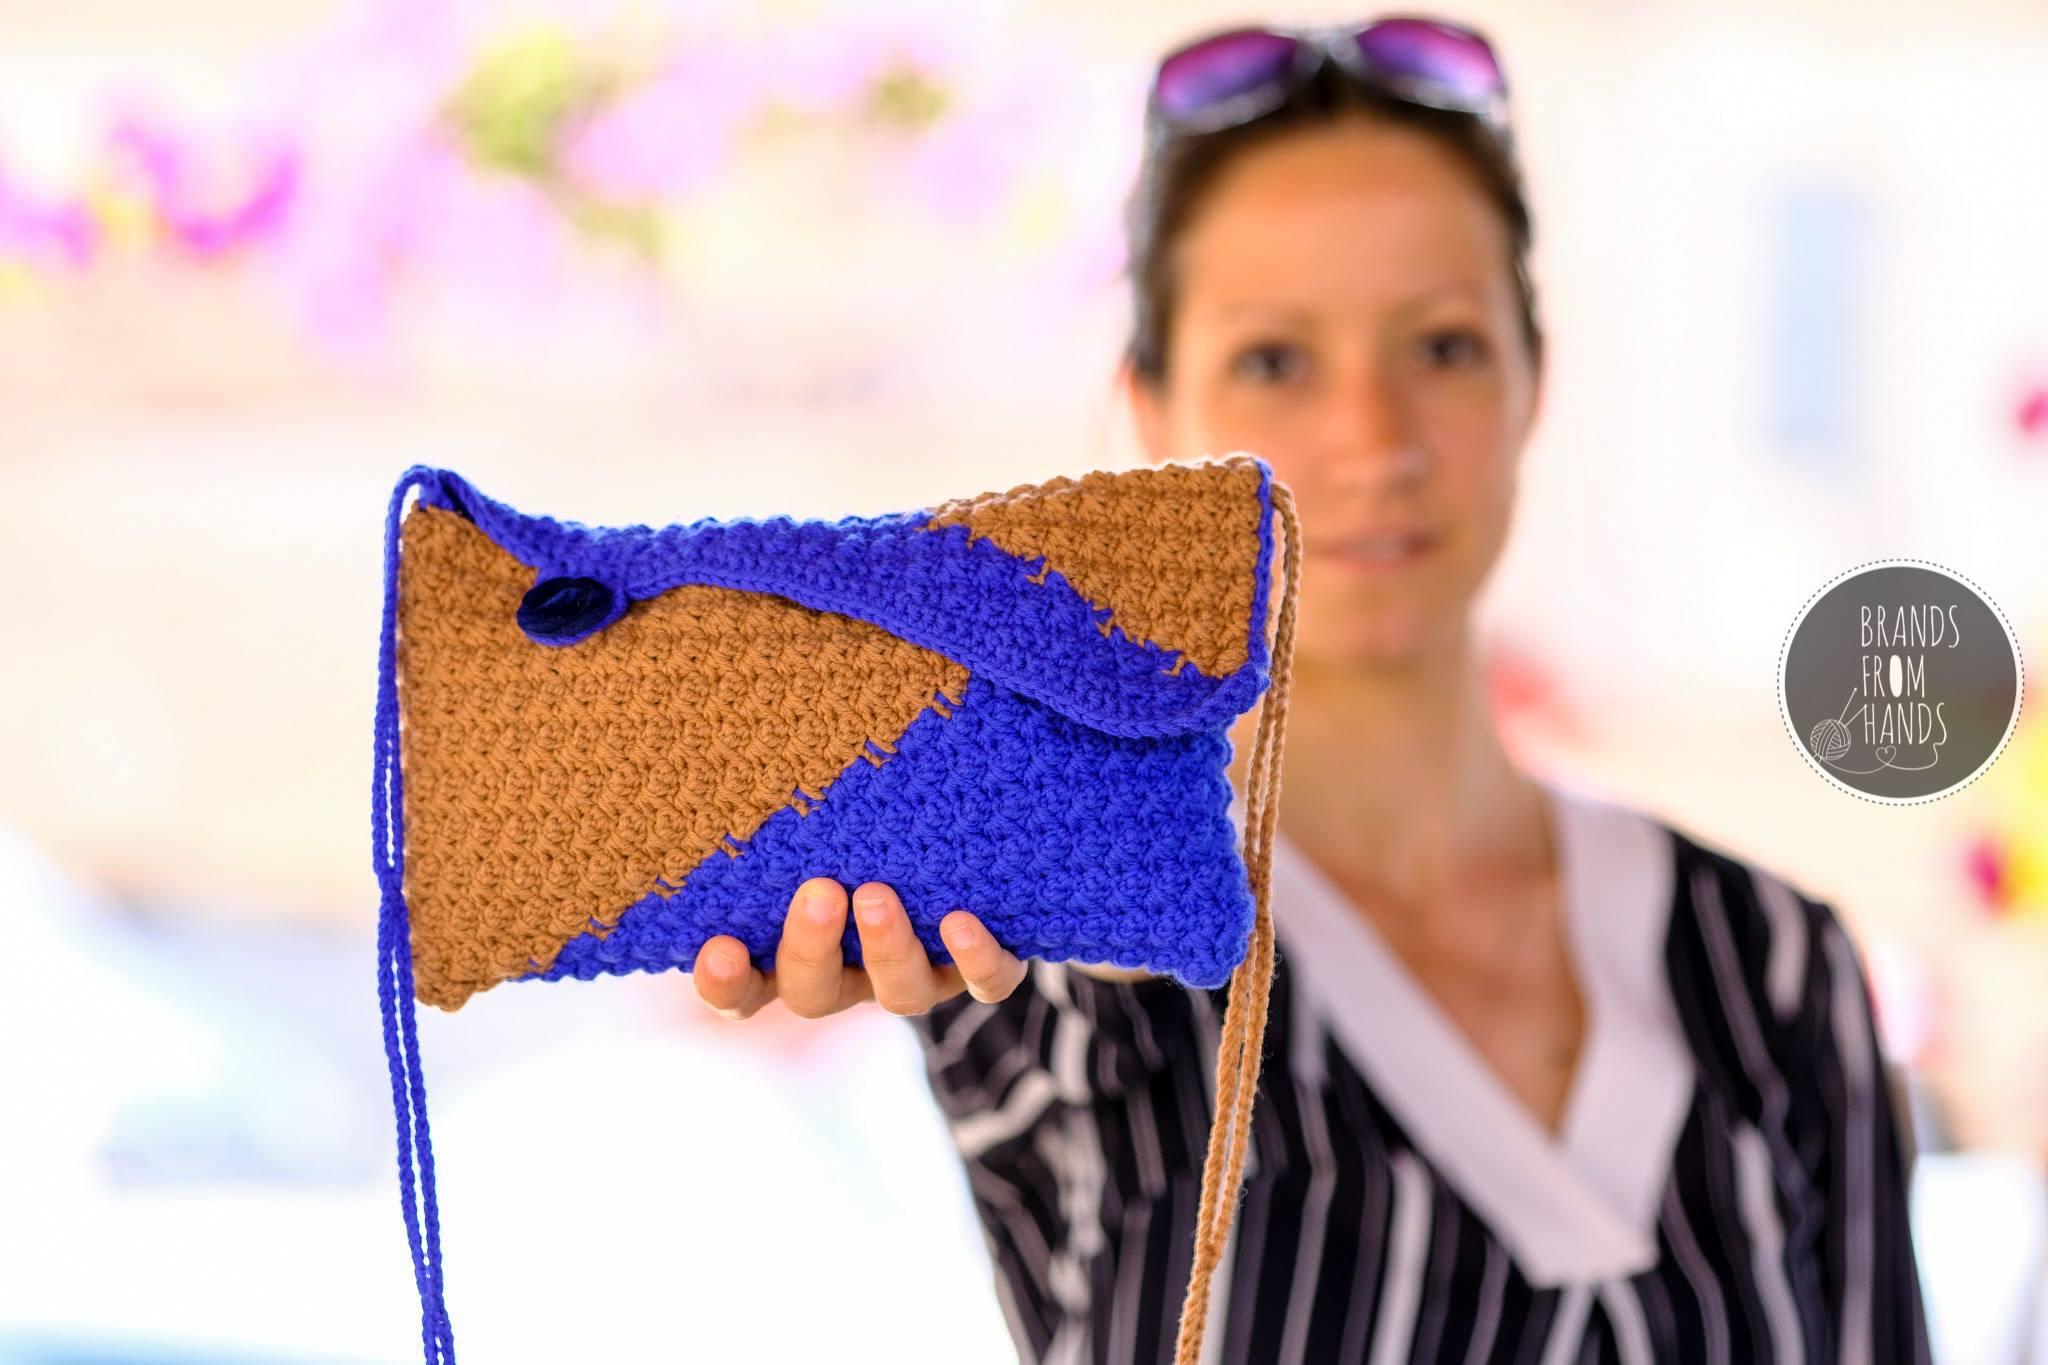 Александрина Пандурска, Brands from Hands: Плетенето е живо, изисква любов, време и добър учител